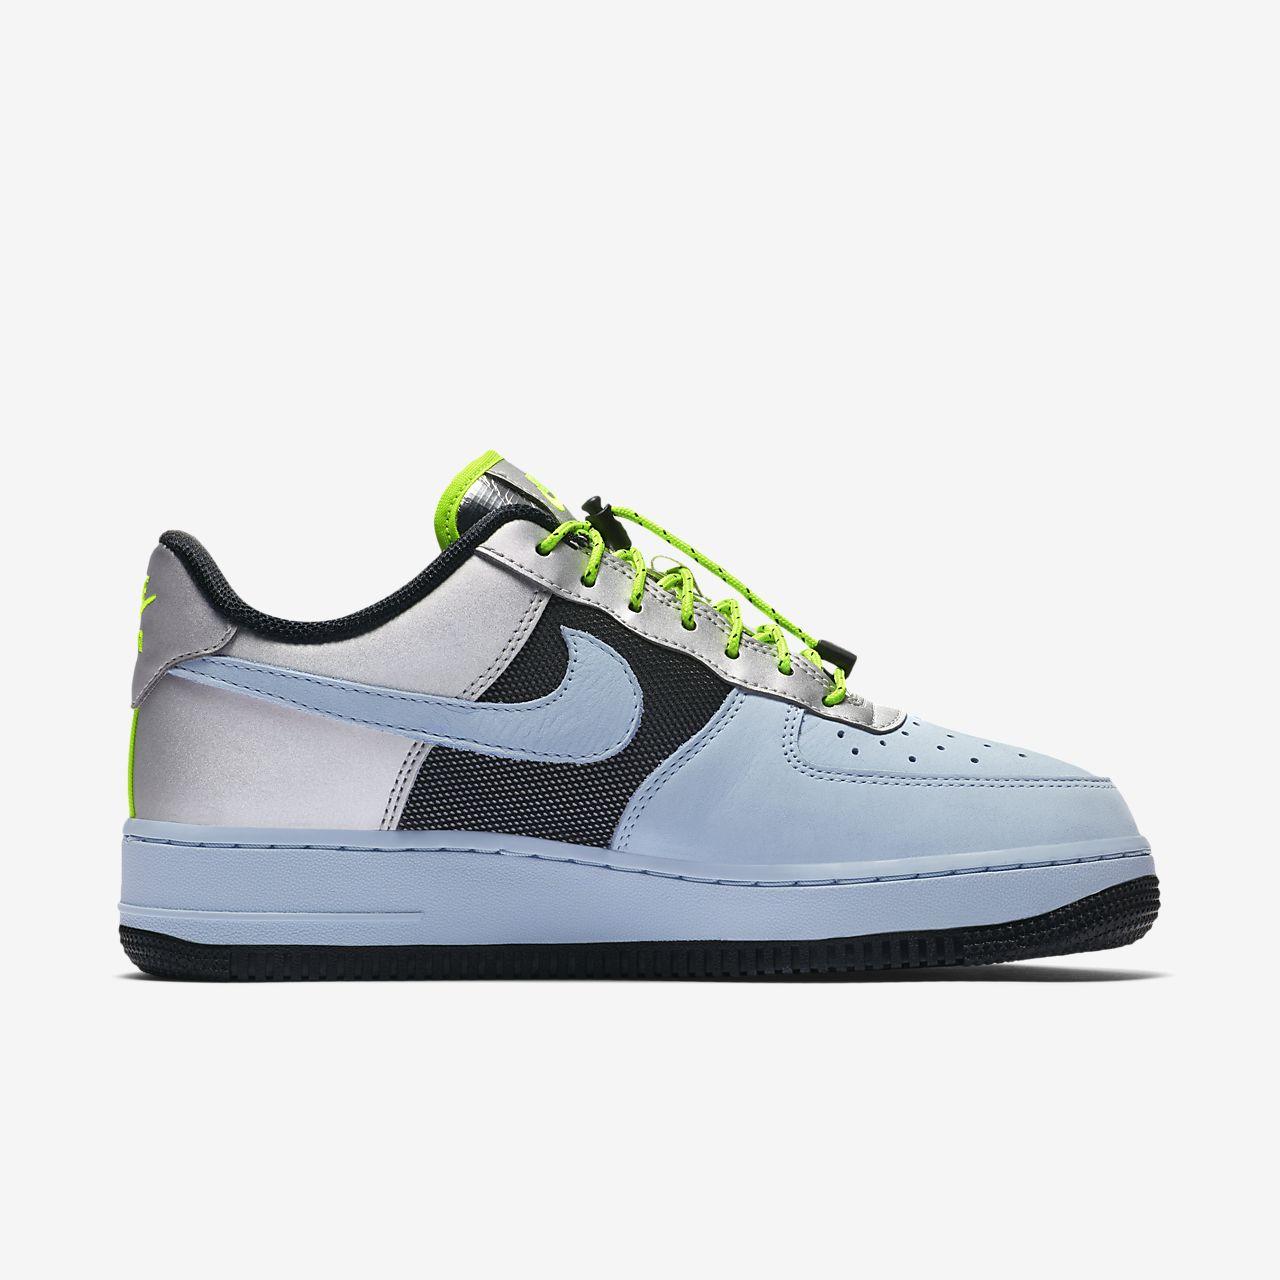 Colorato, Semplice Scarpe Nike Air Force Jordan Regalo